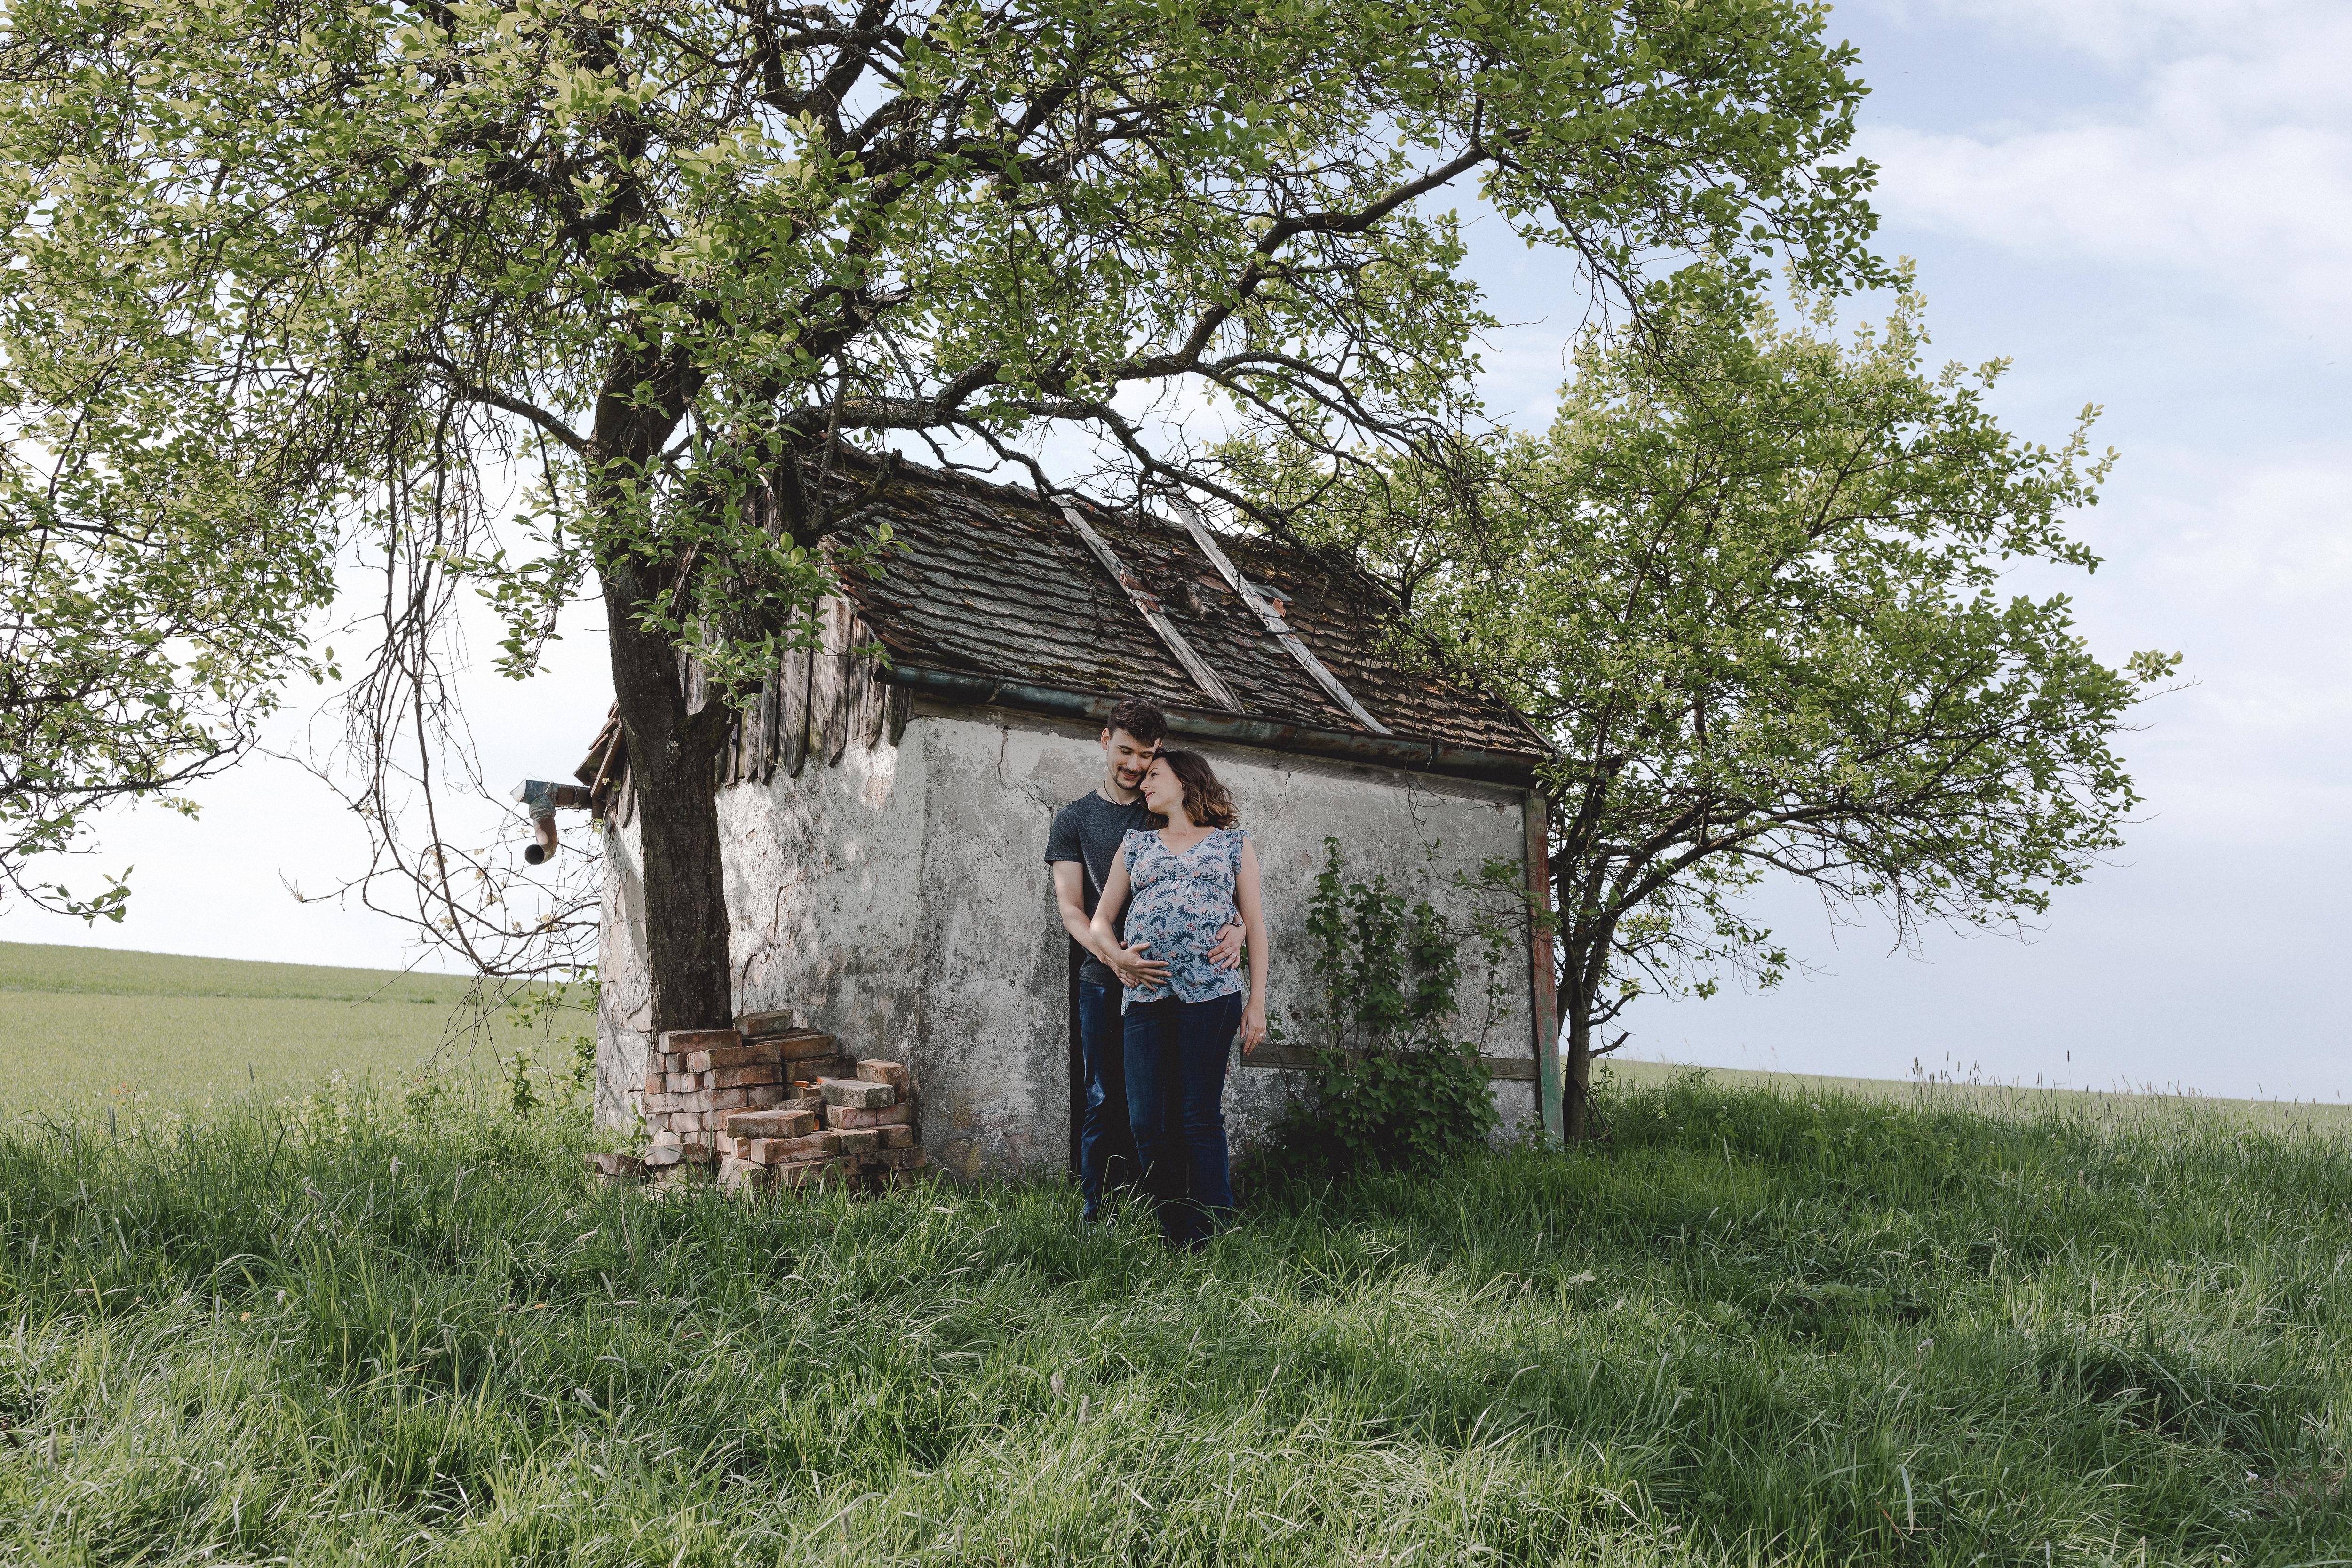 URBANERIE_Daniela_Goth_Vintage_Fotografin_Nuernberg_Fuerth_Erlangen_180428_001_0247